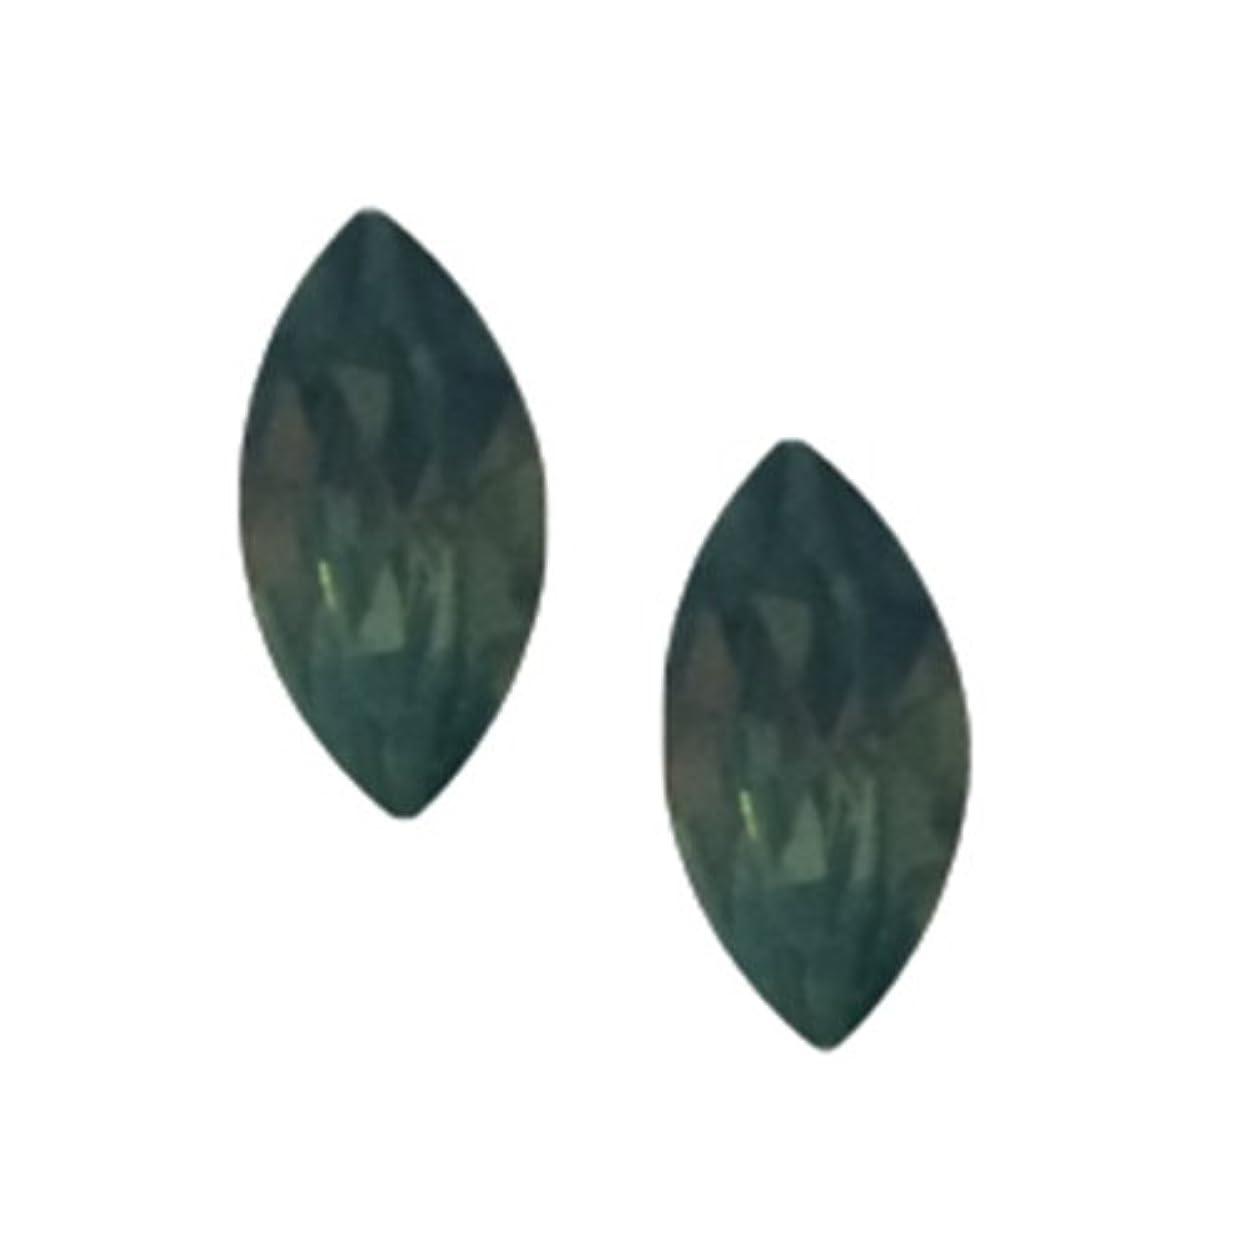 文庫本収穫フィードPOSH ART ネイルパーツ馬眼型 3*6mm 10P グリーンオパール